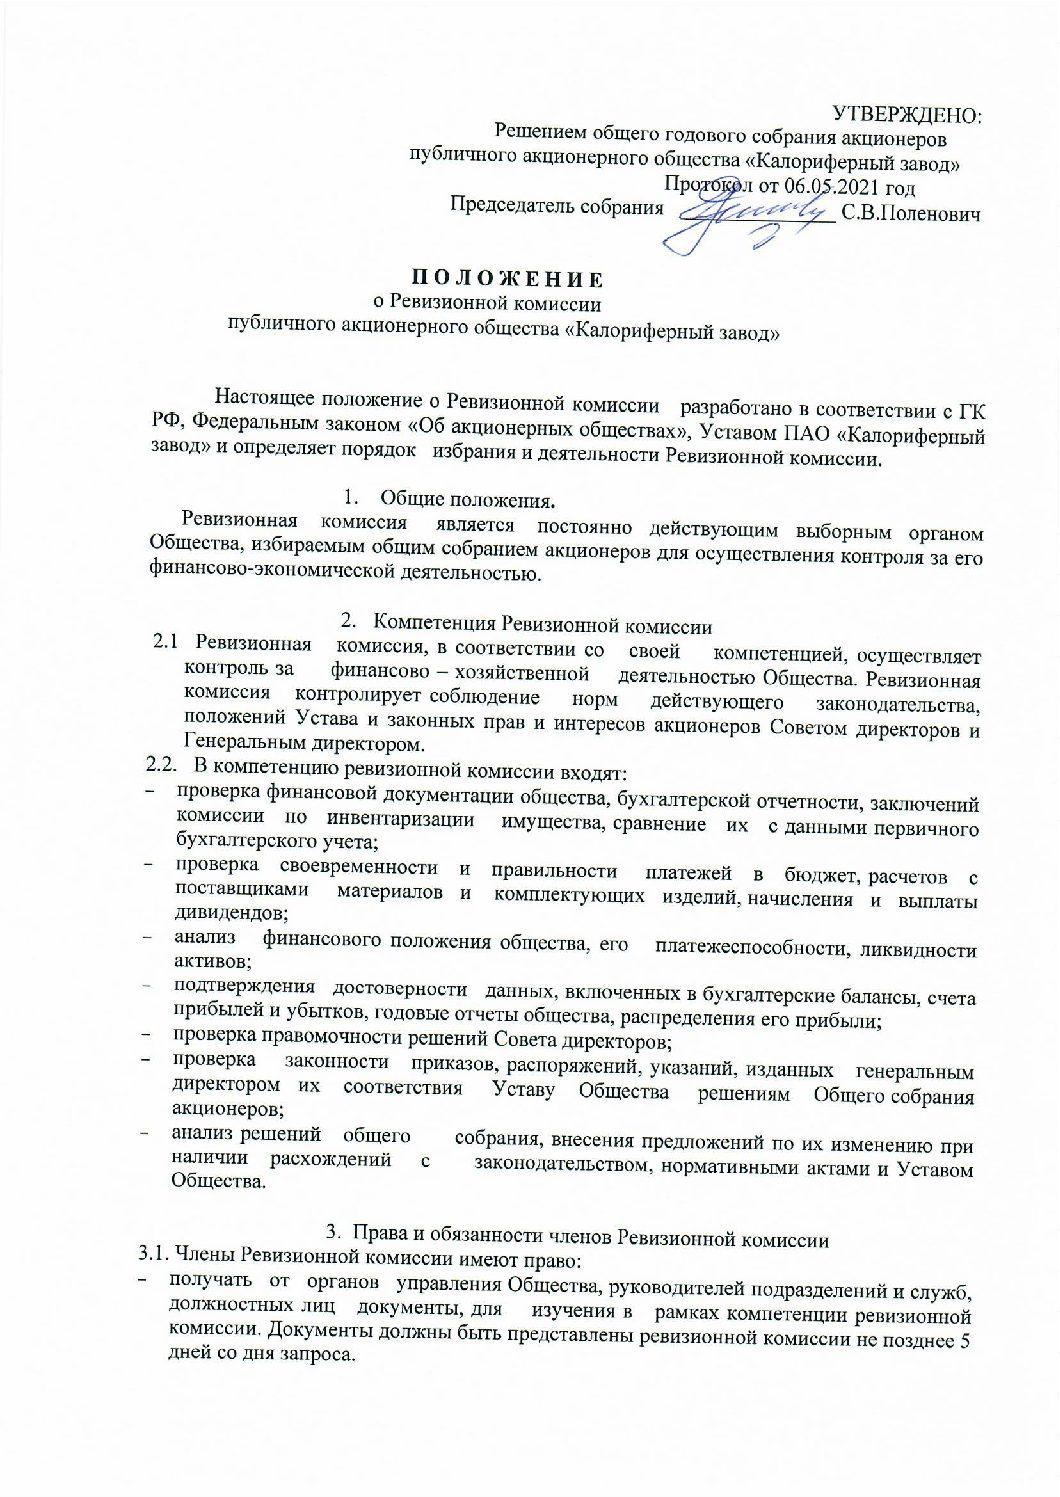 Положение о ревиз комиссии 06.05.2021